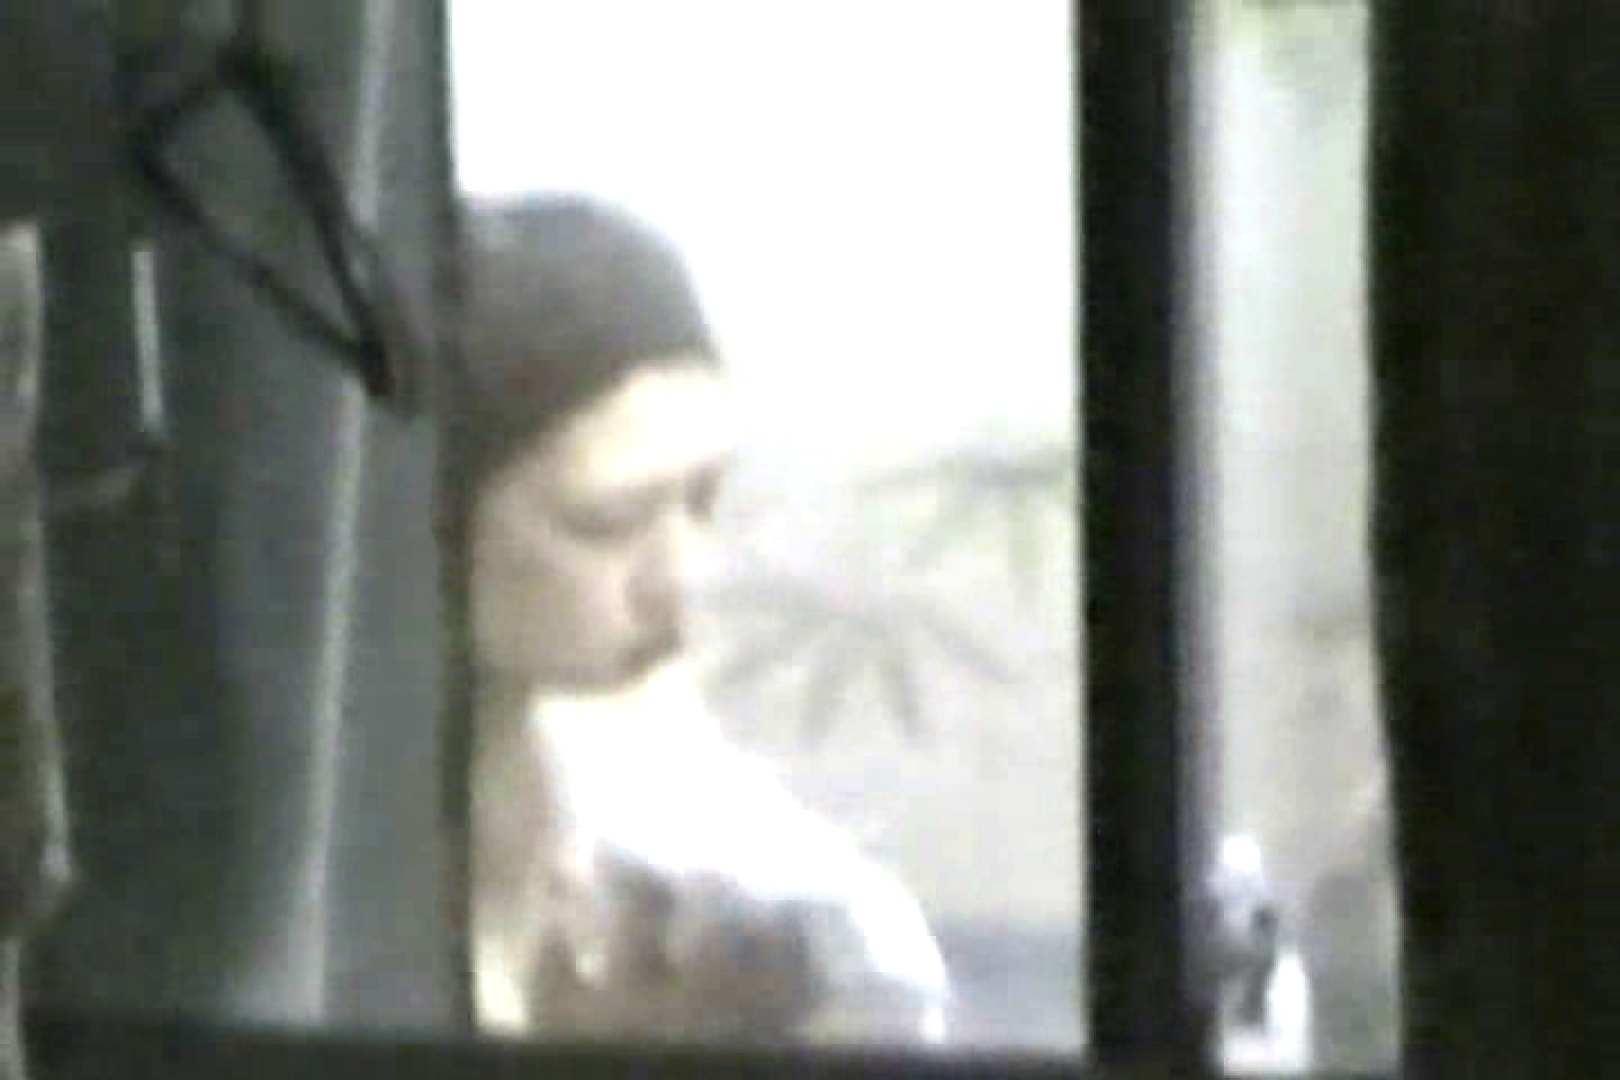 究極の民家覗き撮りVol.4 望遠 オマンコ動画キャプチャ 73pic 29